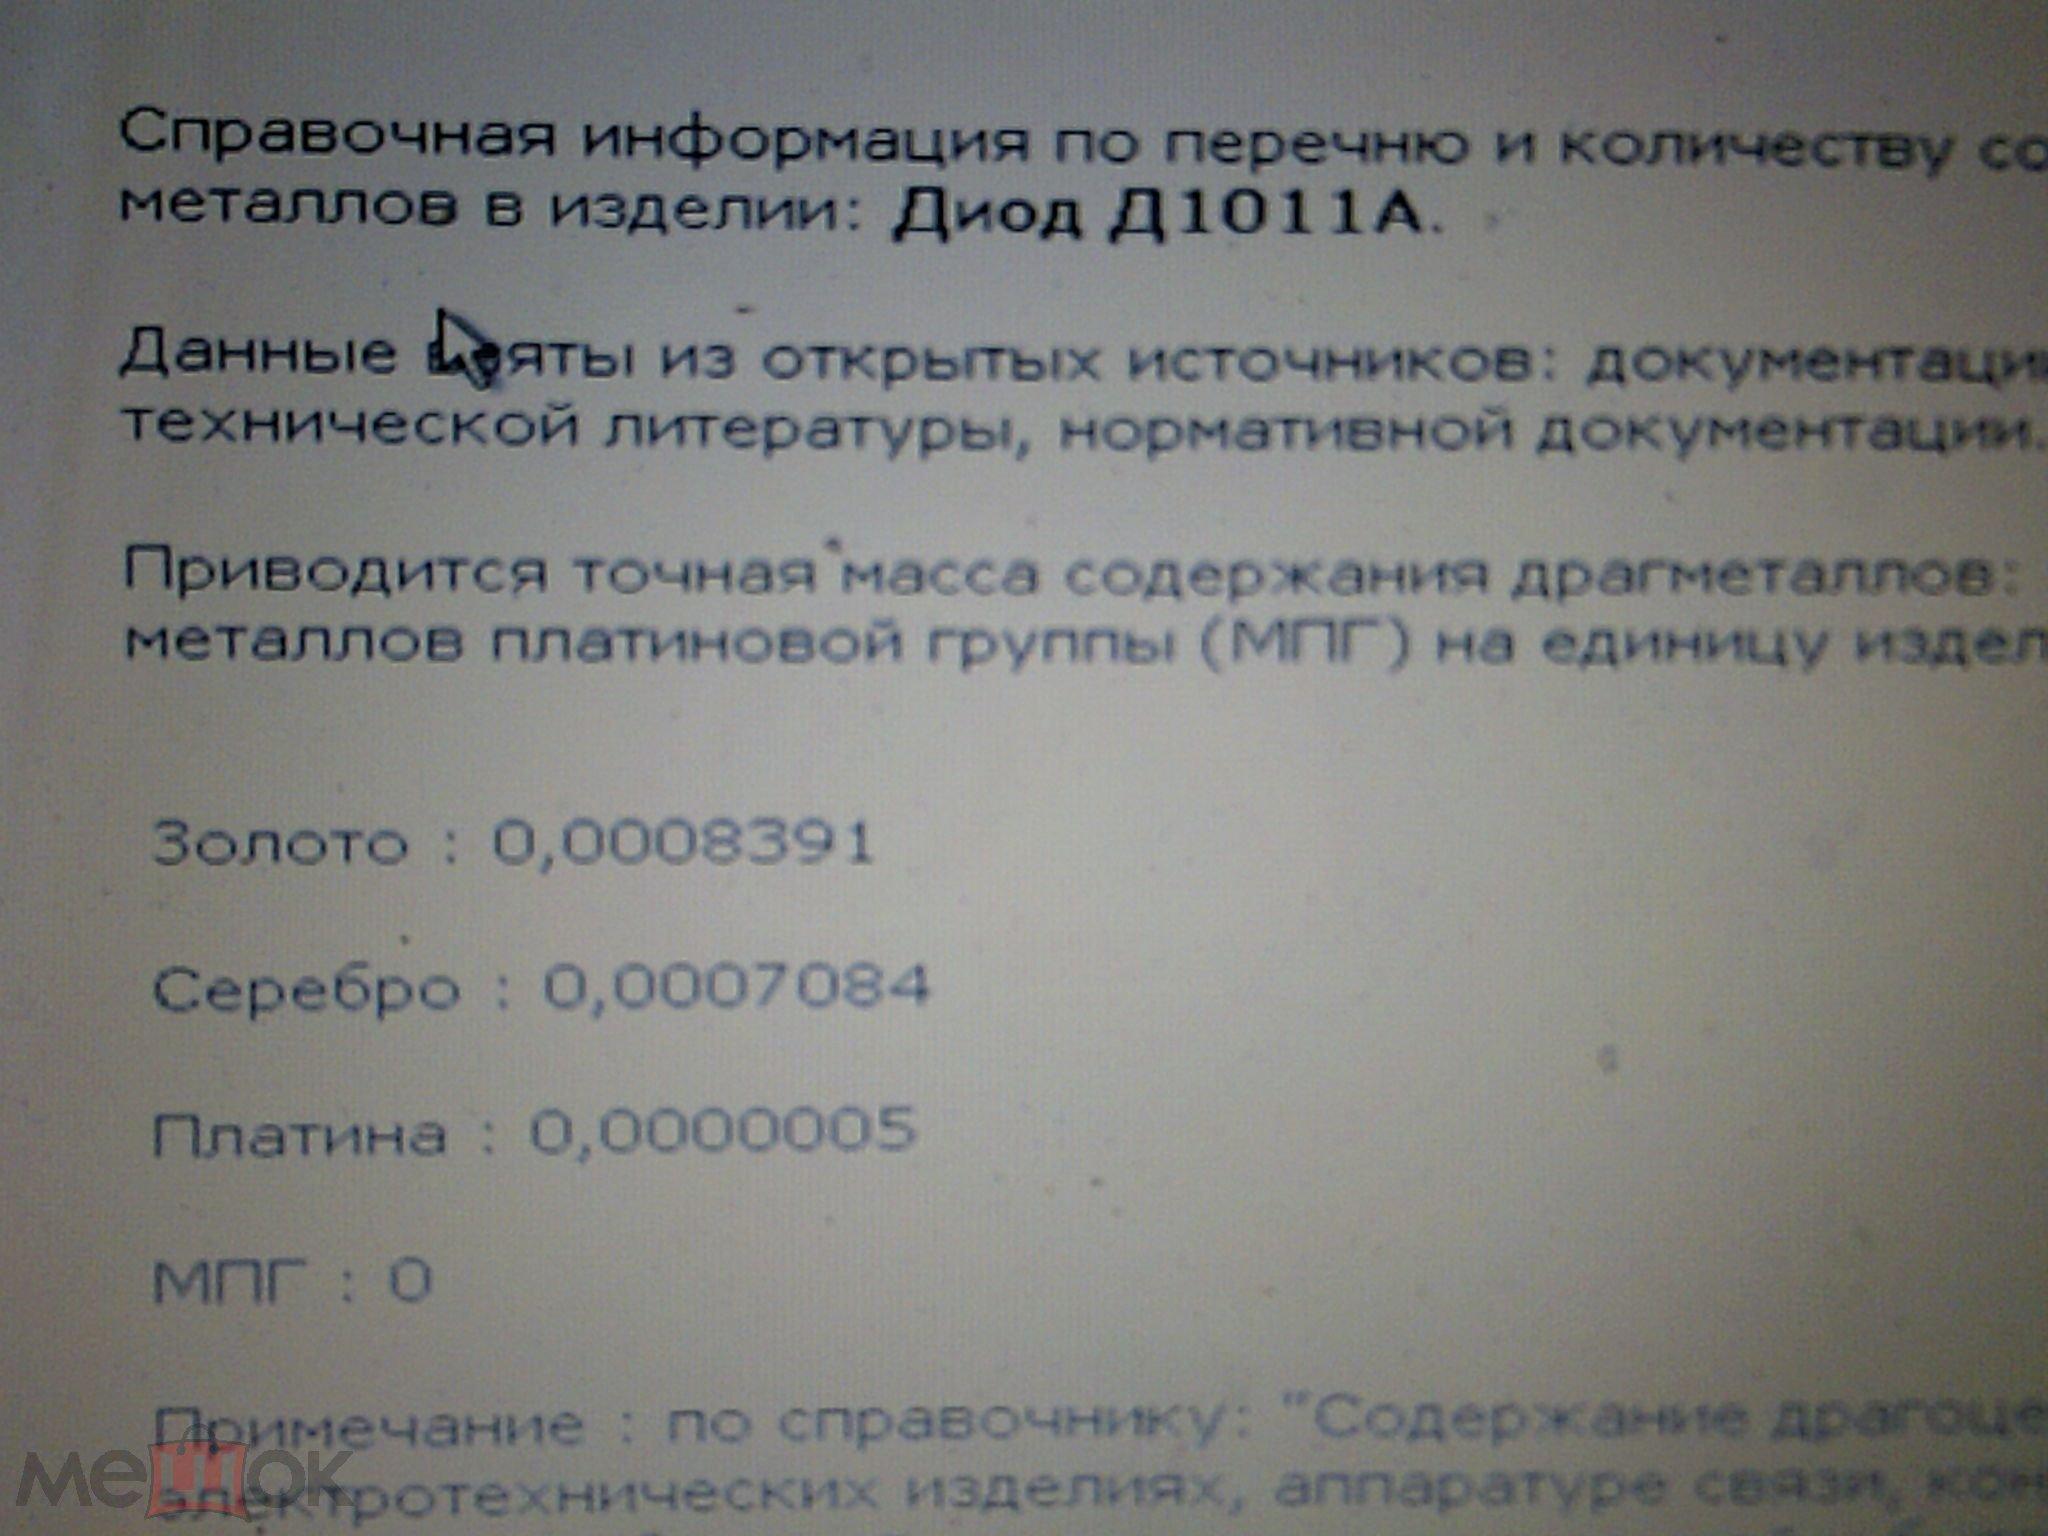 диод Д1011А . содержание золота. платины. серебра. в лоте 6 шт